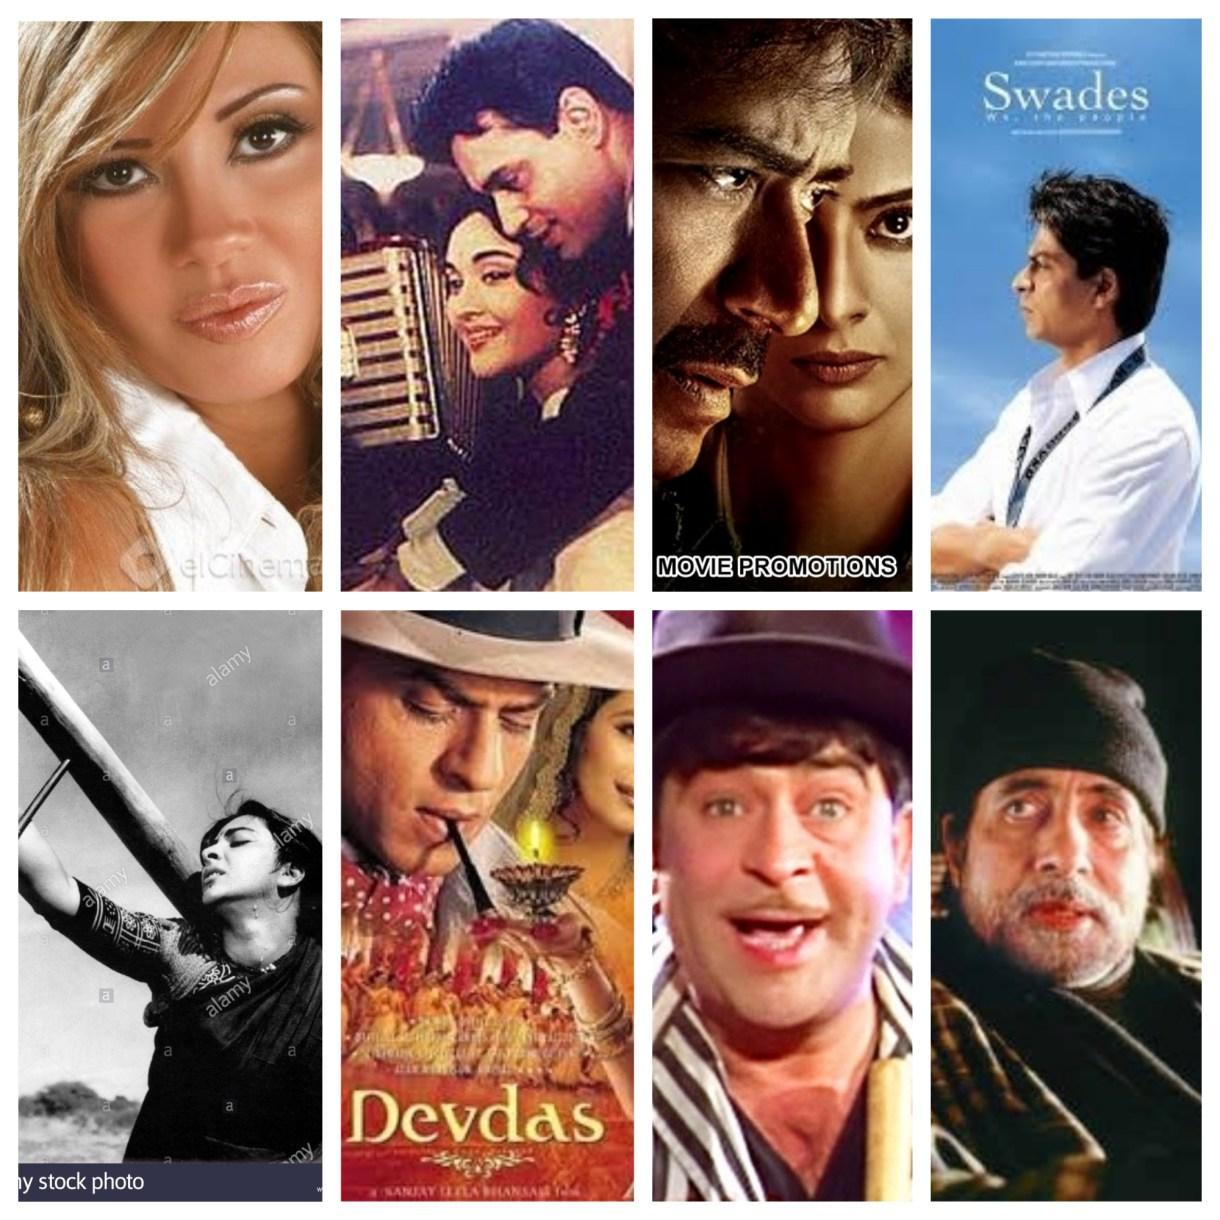 مهرجان الأفلام الهندية 2017 برعاية سفارة الهند